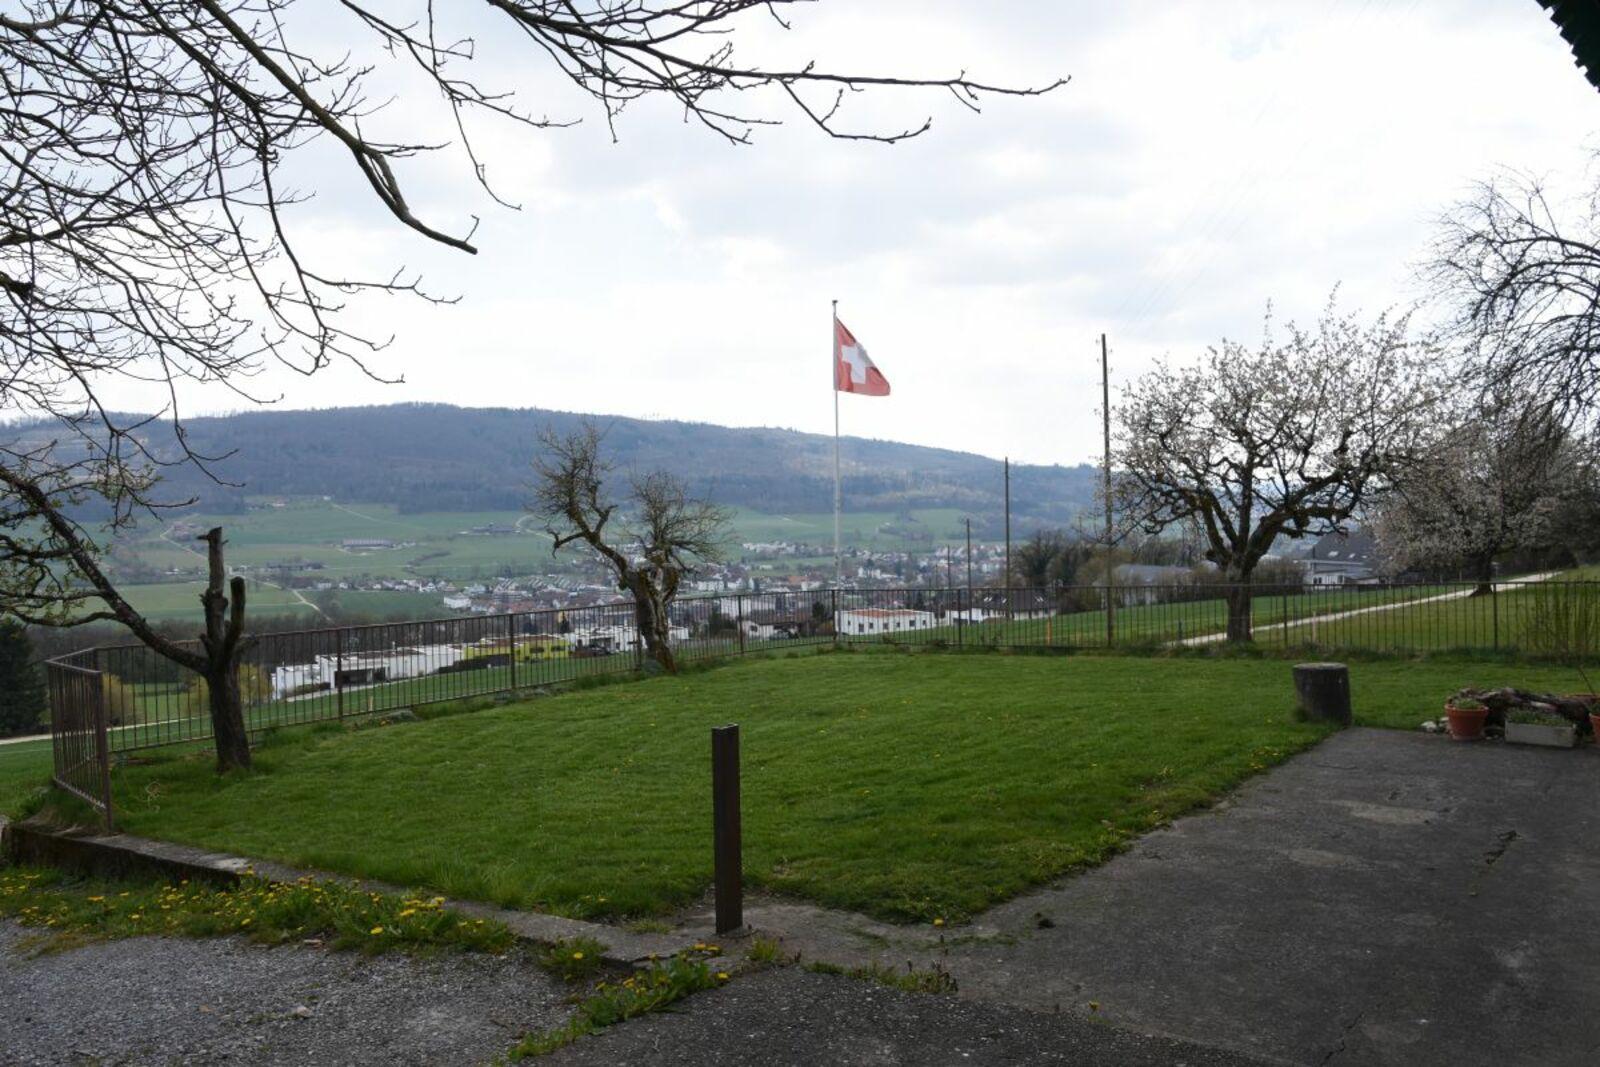 Pfadiheim Wangen, 4612 Wangen bei Olten - 9517 - Spielwiese